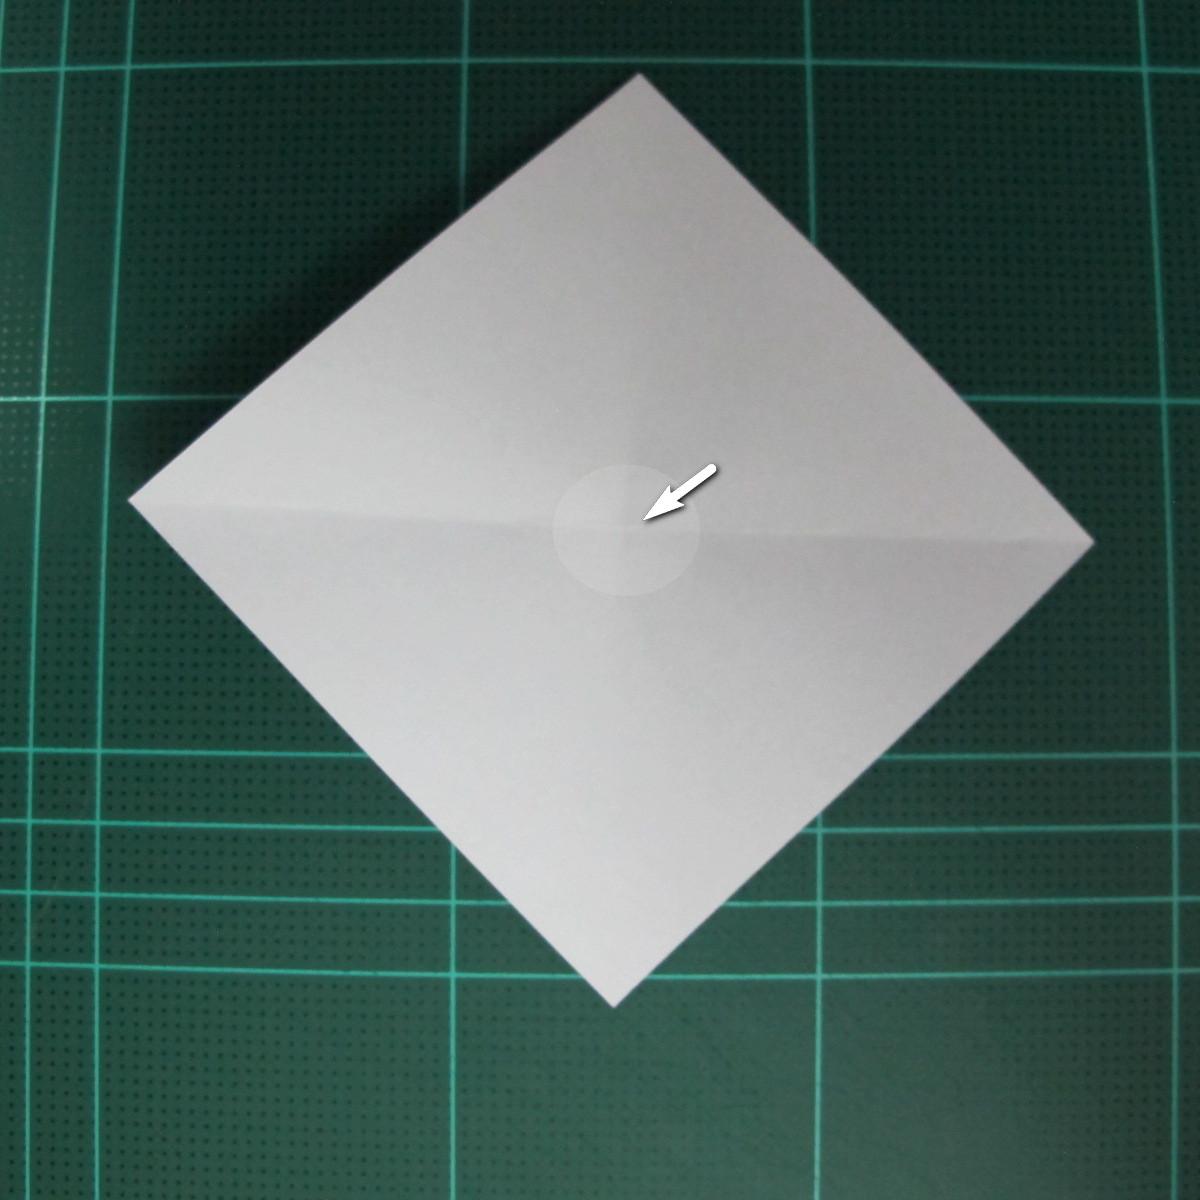 วิธีพับกระดาษเป็นรูปลูกสุนัข (แบบใช้กระดาษสองแผ่น) (Origami Dog) 007